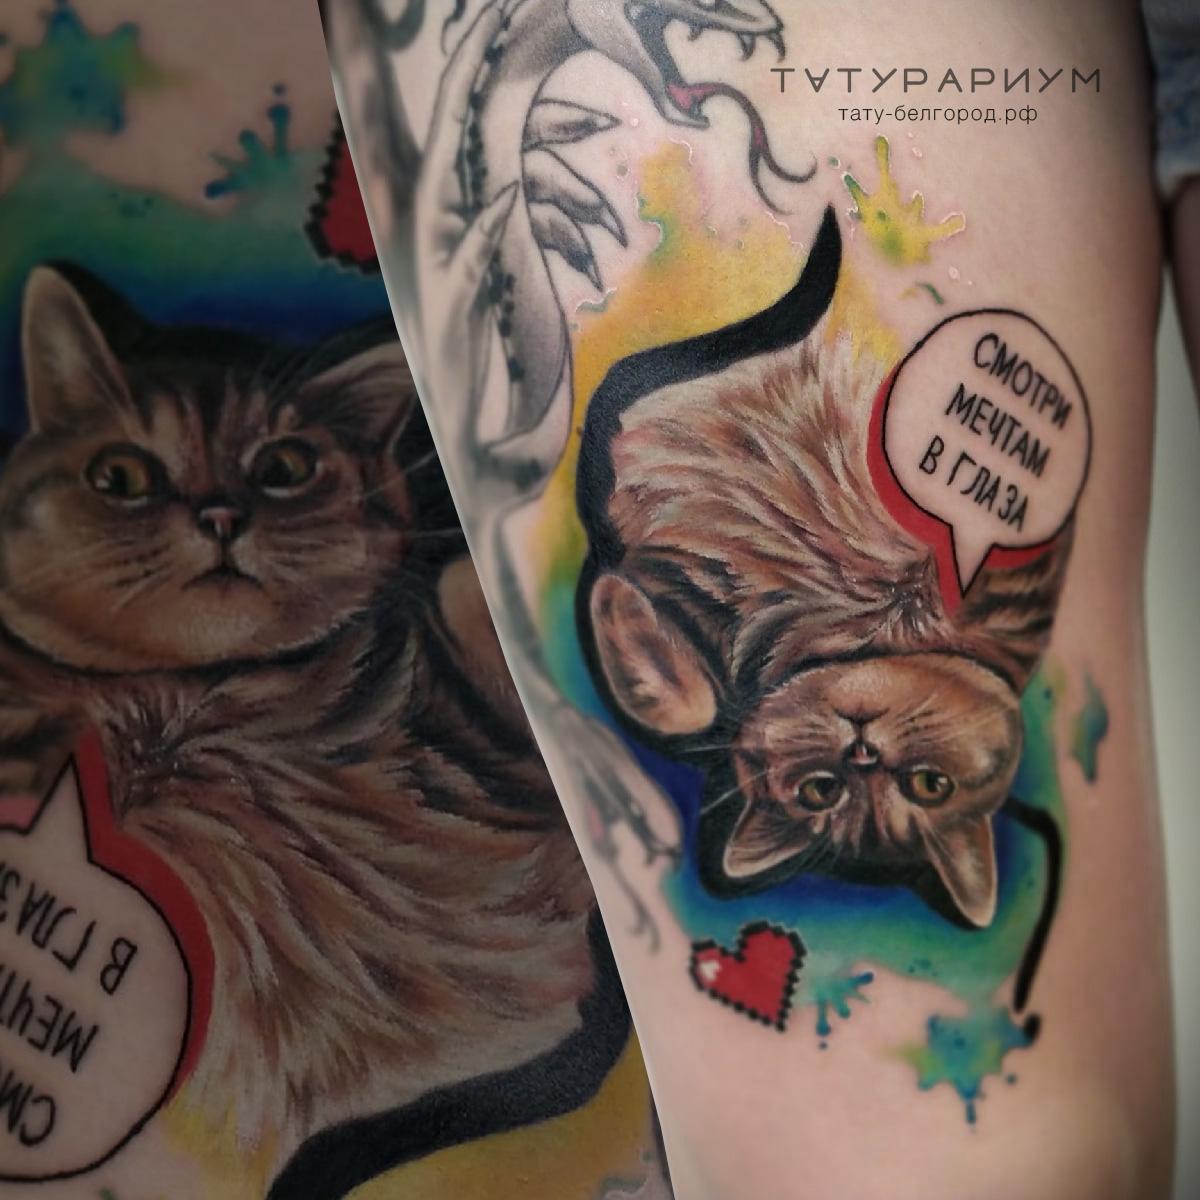 фото татуировки, котик на ноге у девушки